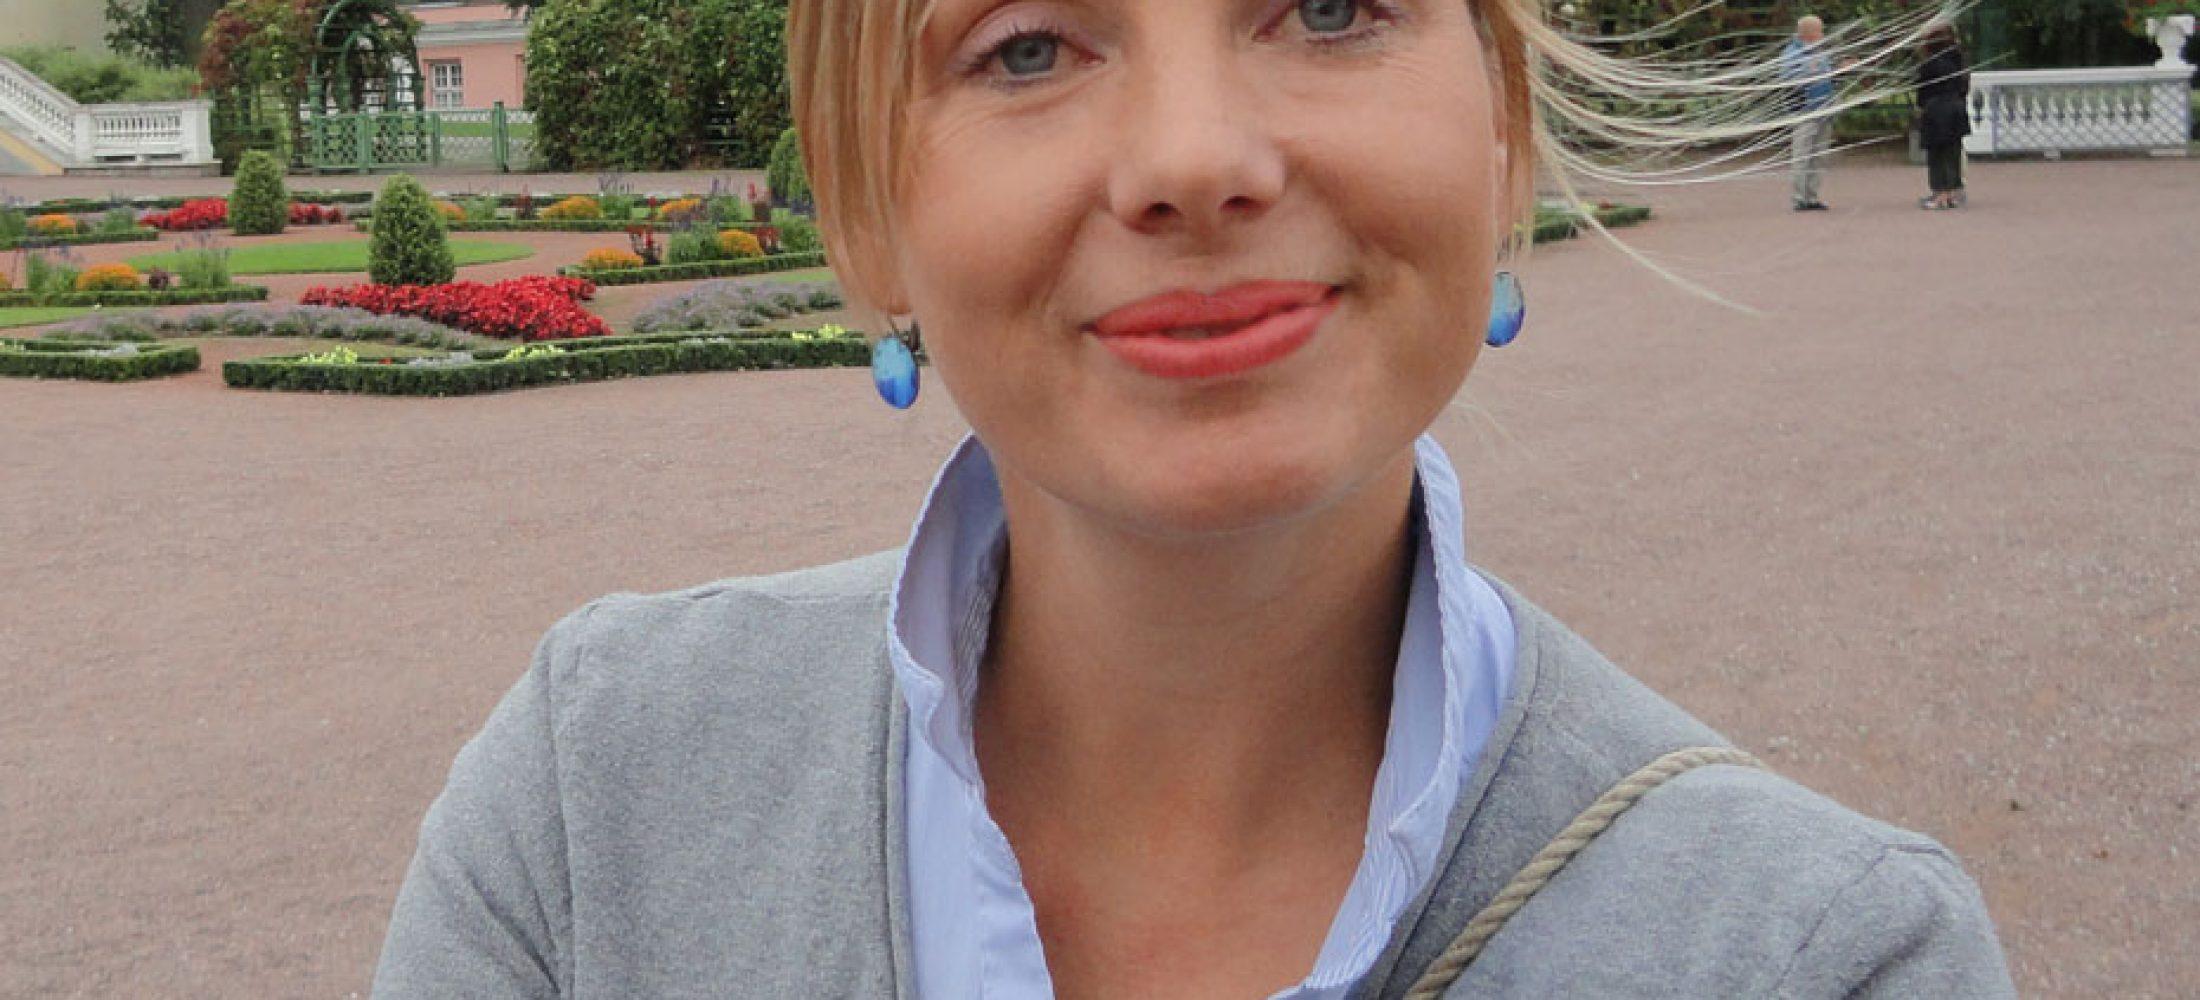 Krista Suppi our Estonian Guide